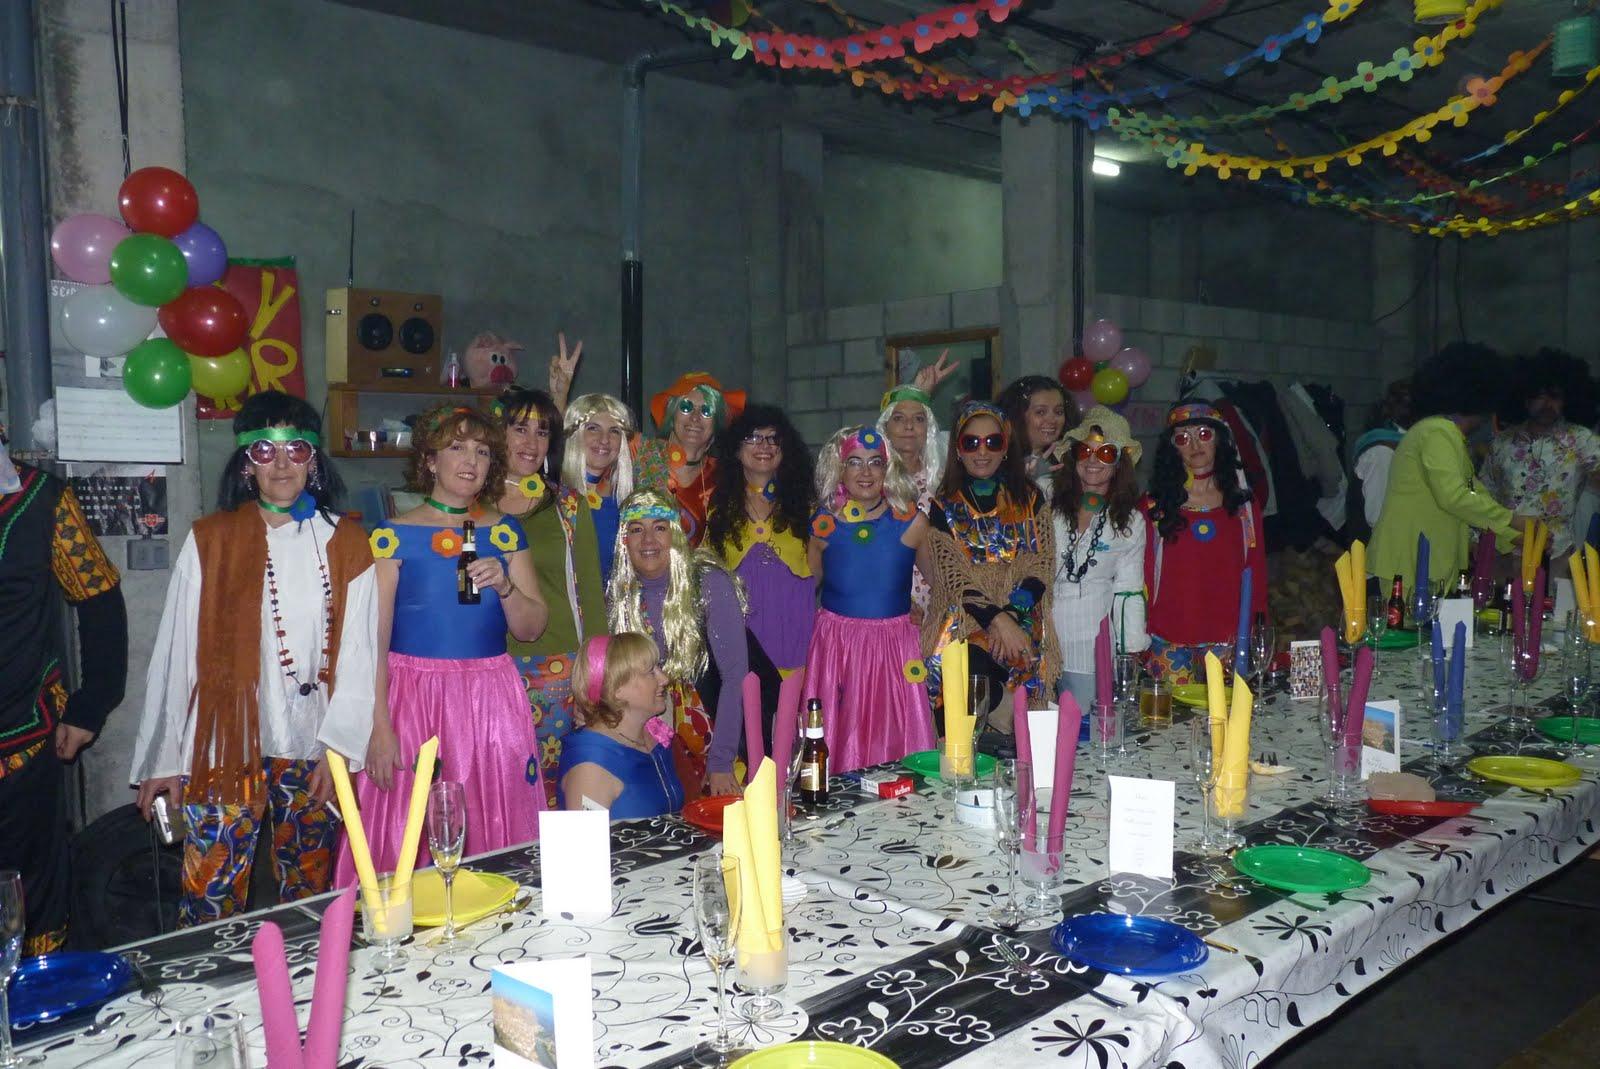 La sede cuadrilla de ballobar fiesta hippie en honor a - Fiestas hippies decoracion ...